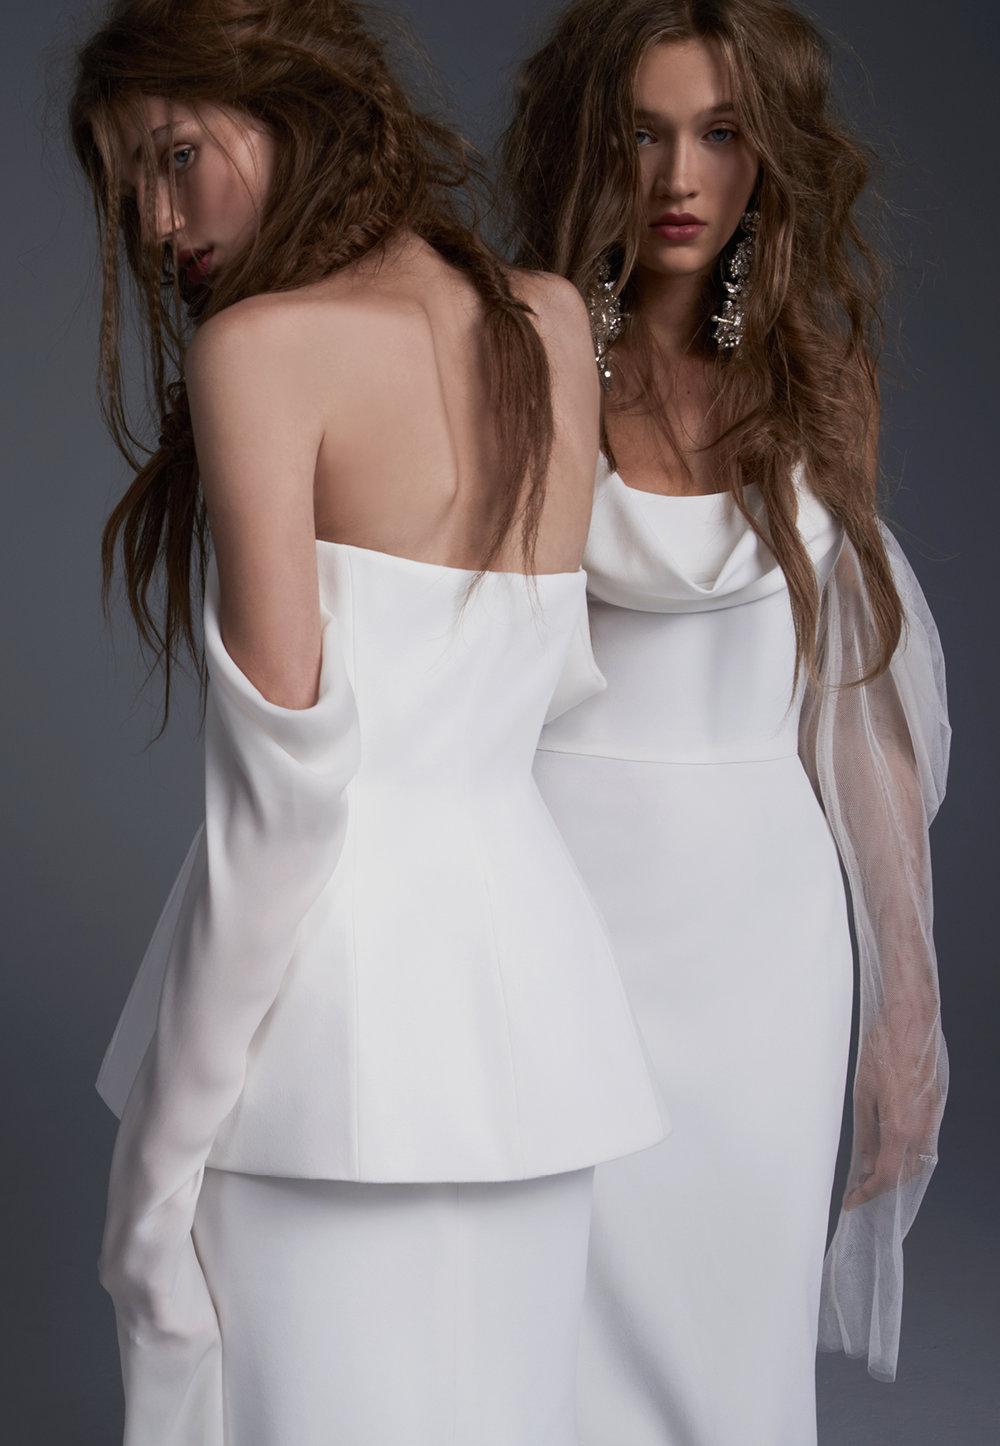 Season: Fall 2017    Gown name: Floriana 露肩領口長袖合身剪裁的婚紗    Description: 露肩領口長袖合身剪裁的婚紗禮服,柔美的絲質接袖白色禮服,運用開襟設 計拼接貼身主紗,融合帶有時裝感的兩件式設計,及本季流行趨勢——超長袖,輕盈飄逸 的法國製透明薄紗,令新娘一舉一動都充滿靈動仙氣。適合不拘一格,喜愛自由感的新娘 。